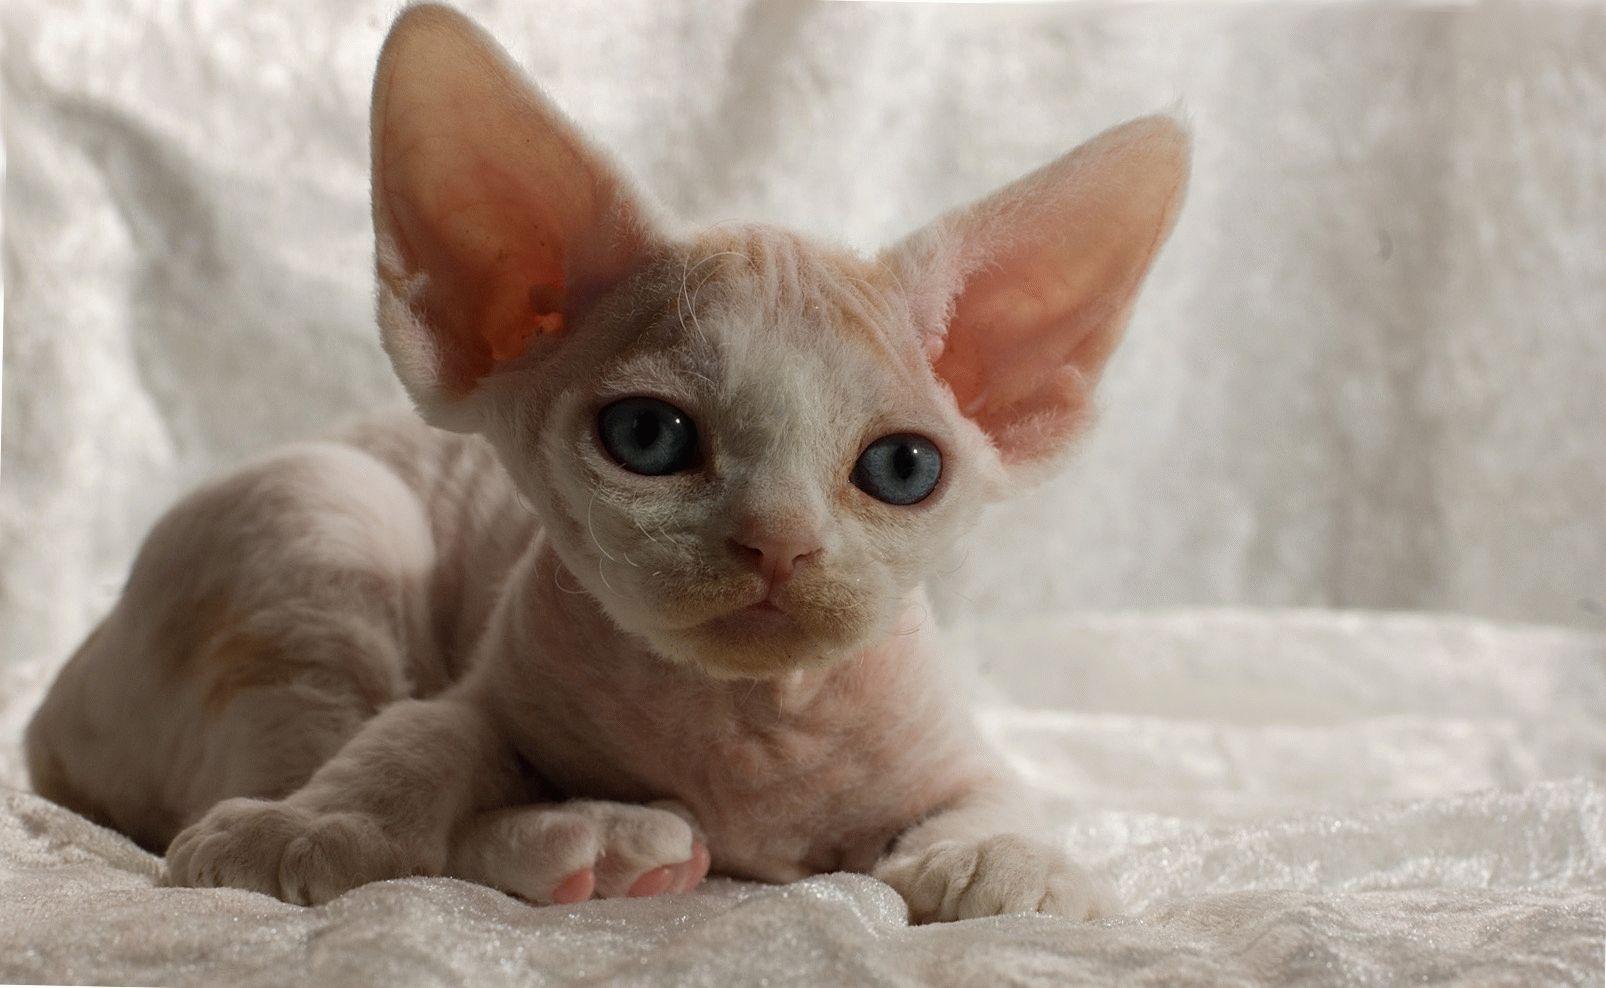 Популярные породы кошек с большими глазами с фотографиями